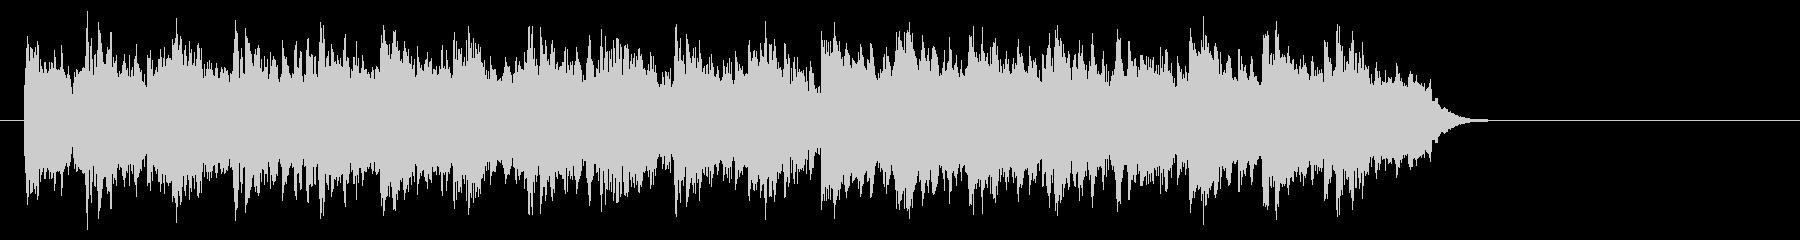 ブライダル風バラード(サビ)の未再生の波形